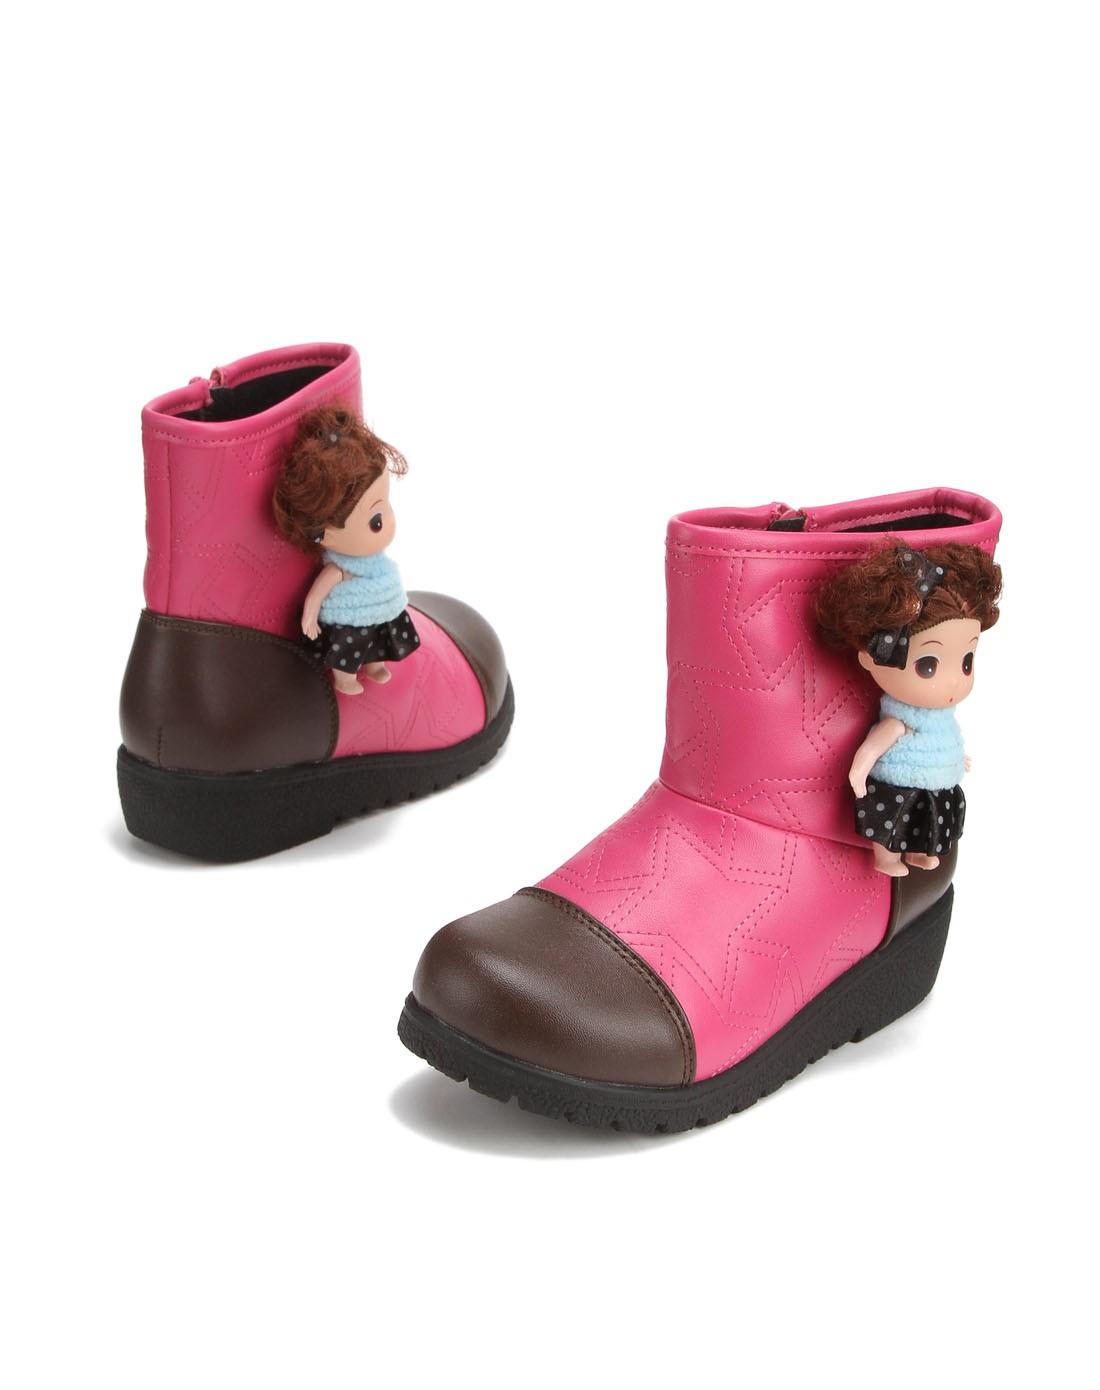 女童桃红色立体卡通装饰可爱休闲靴子